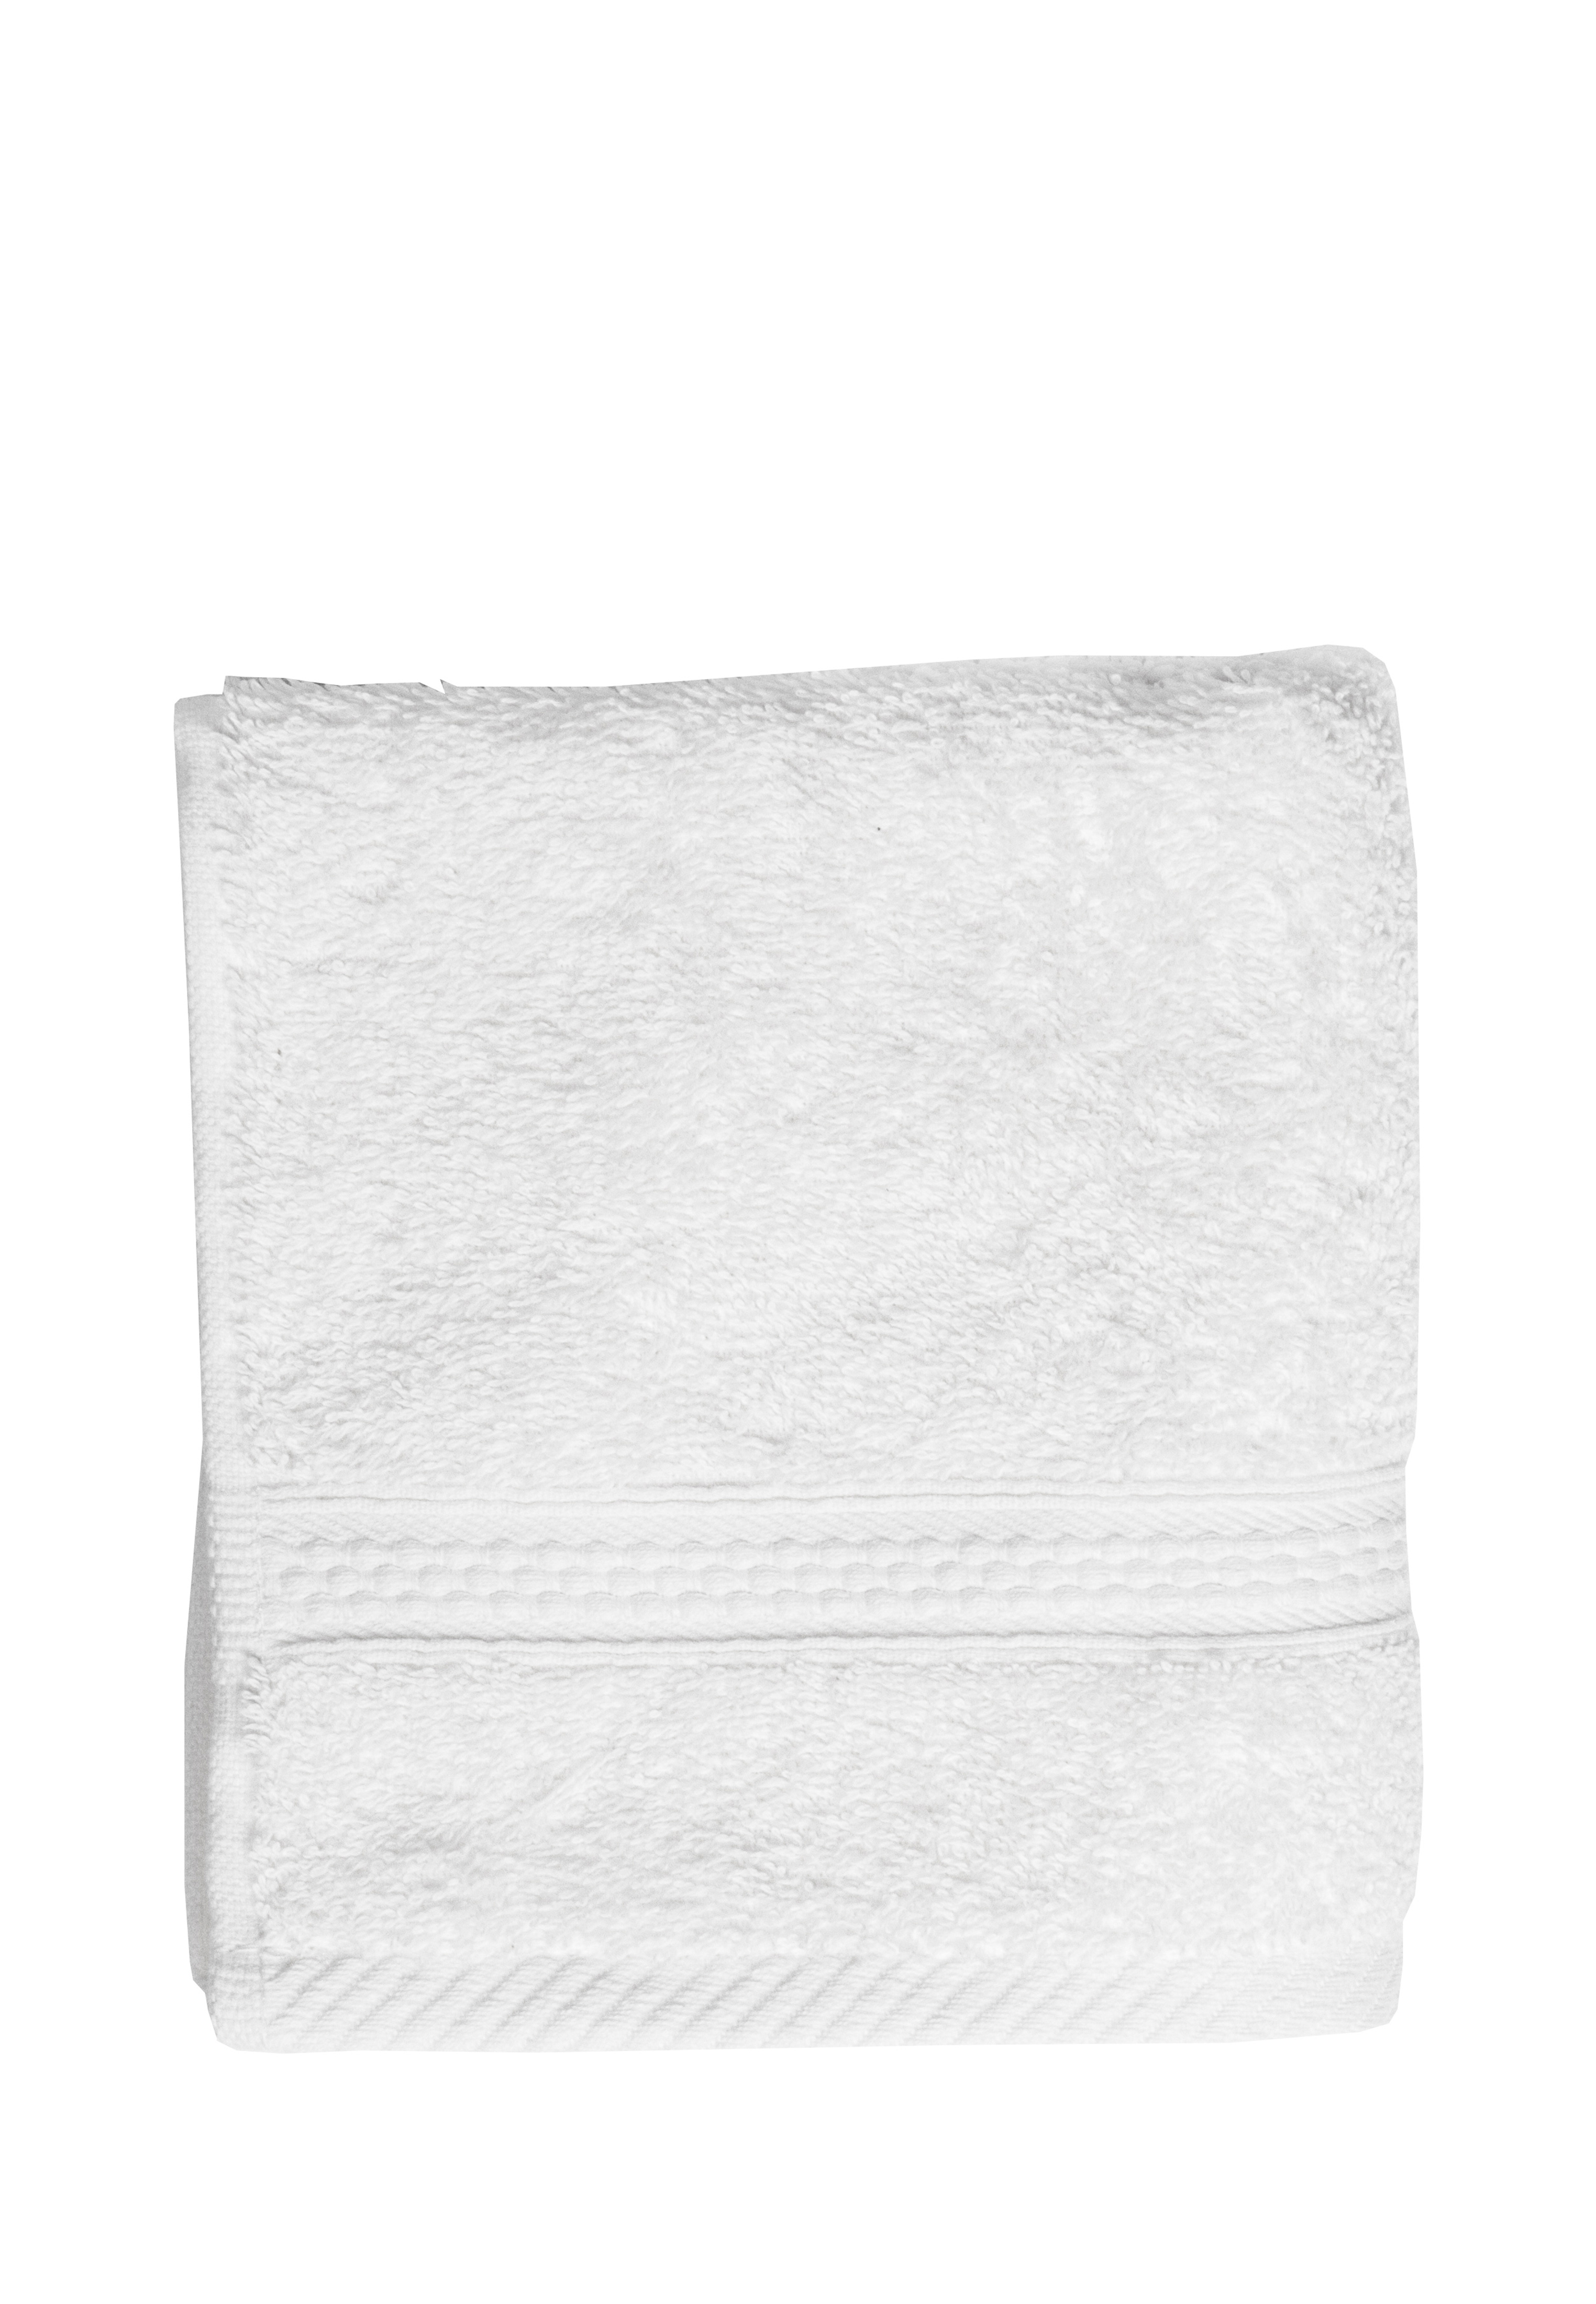 Полотенце для лица, рук или ног Arya home collection Miranda Soft, белый полотенце для рук из жаккардовой махровой ткани lima